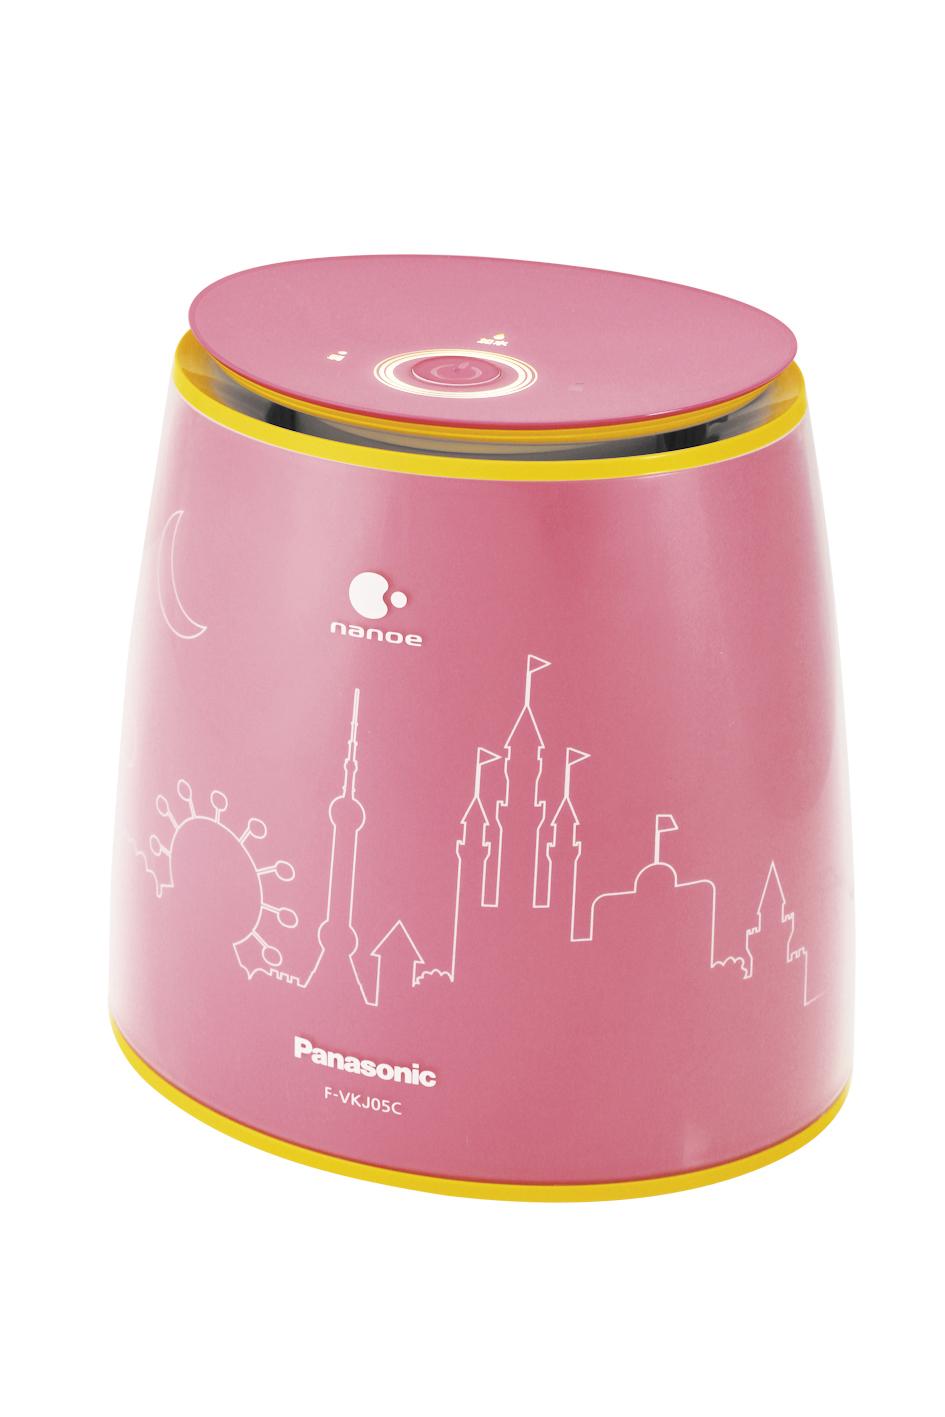 創立20周年を記念して中国で発売される、卓上型加湿空気清浄機「精霊」 ピンク